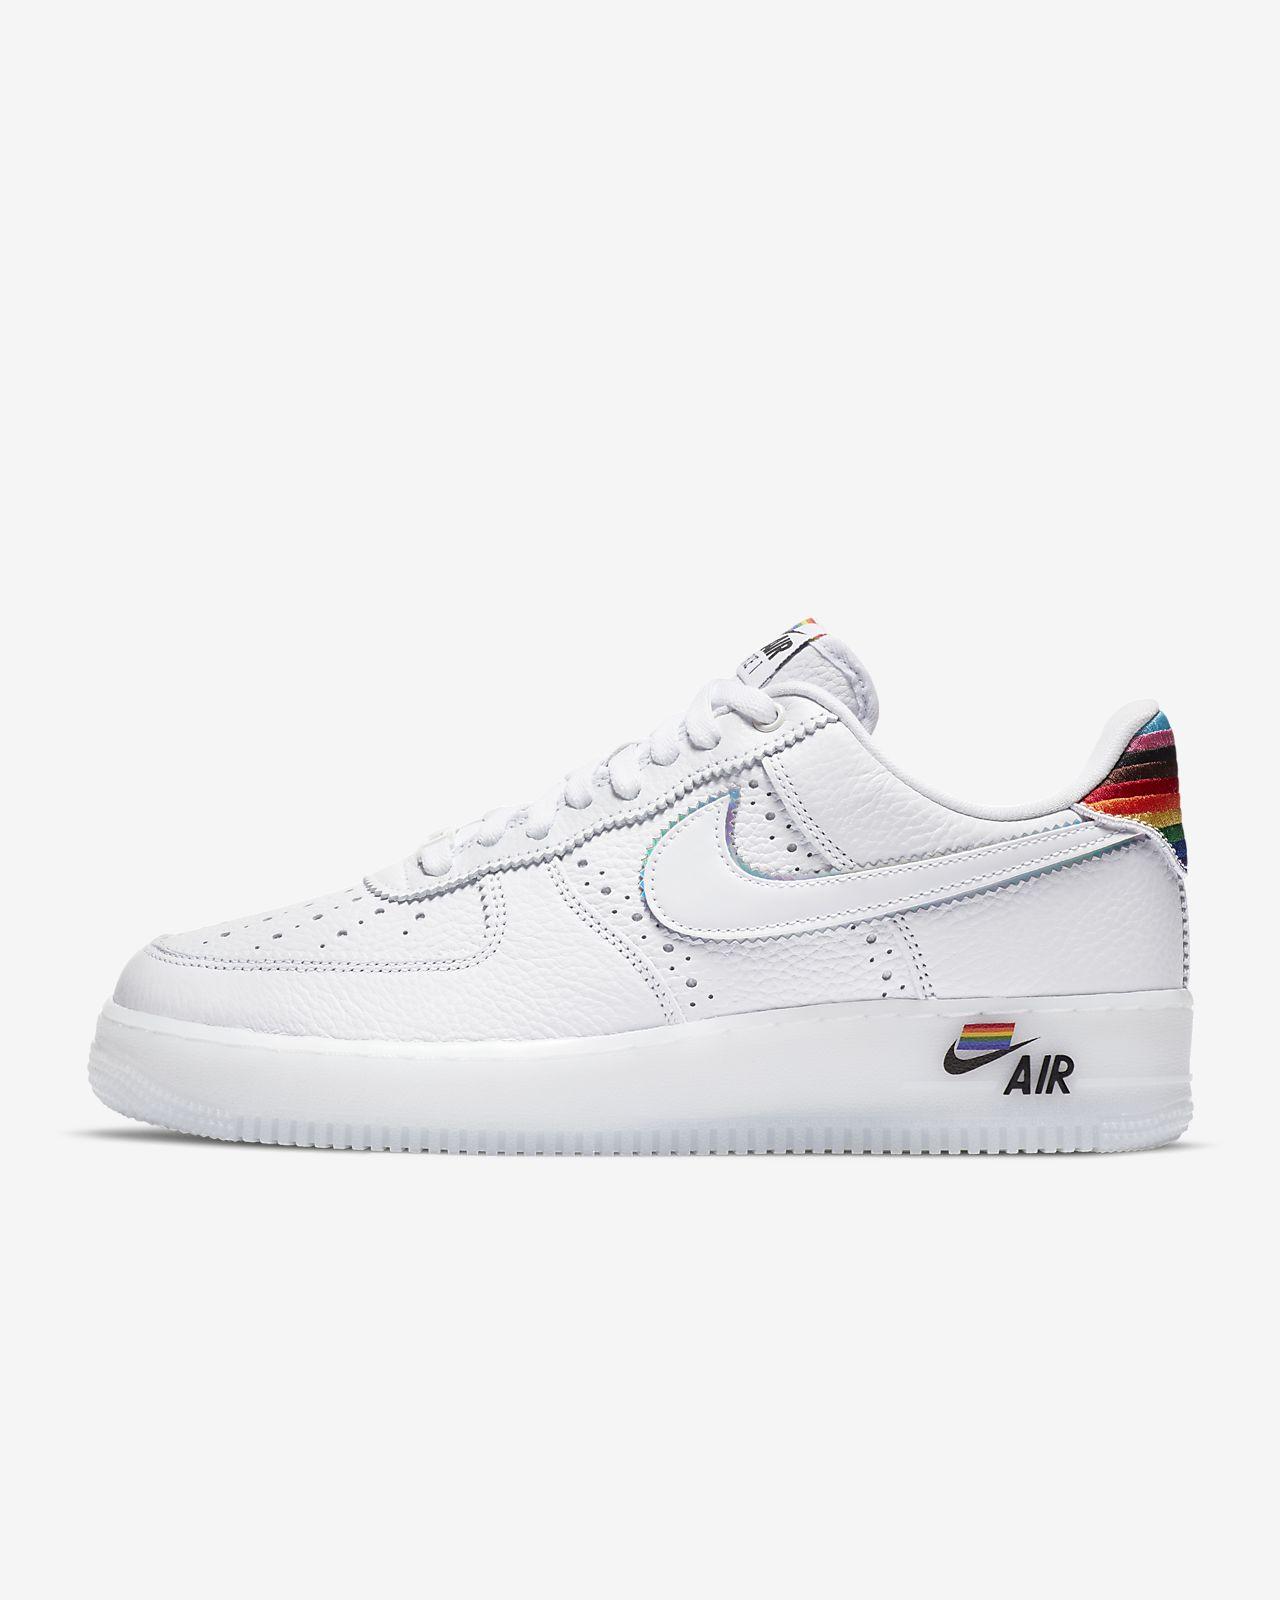 Nike Air Force 1 BETRUE 男子运动鞋